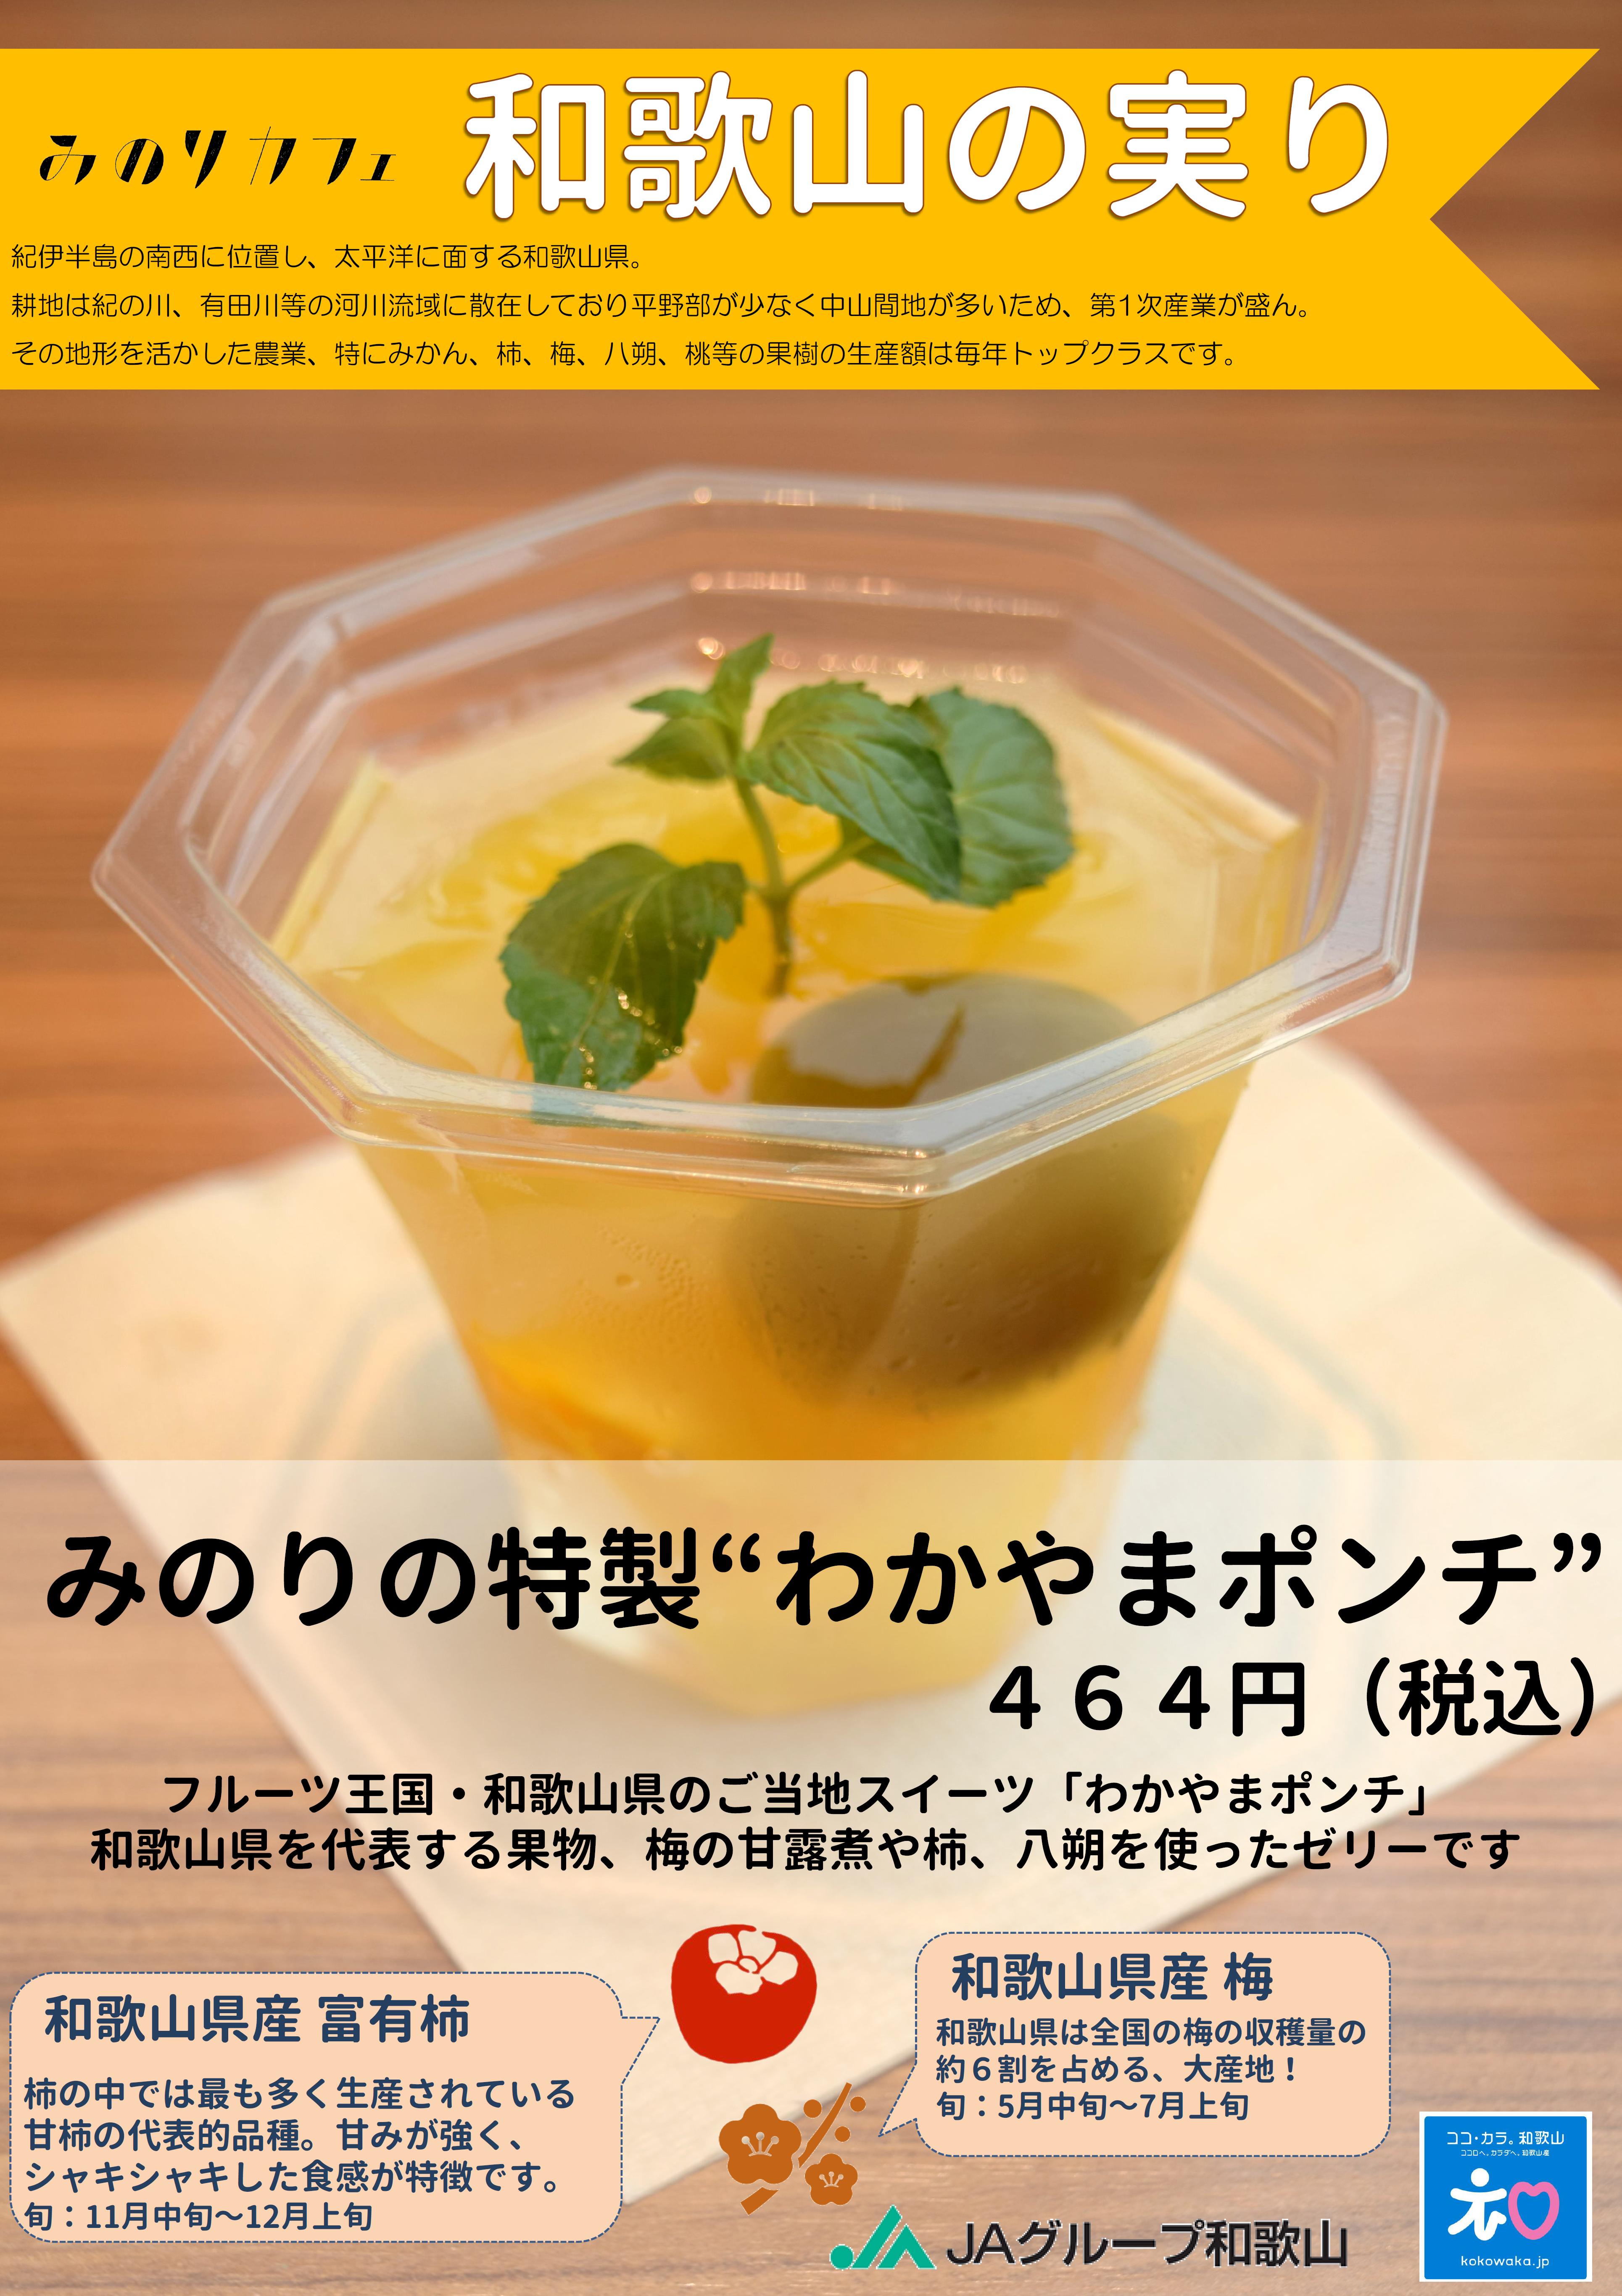 カフェ(わかやまポンチ).png